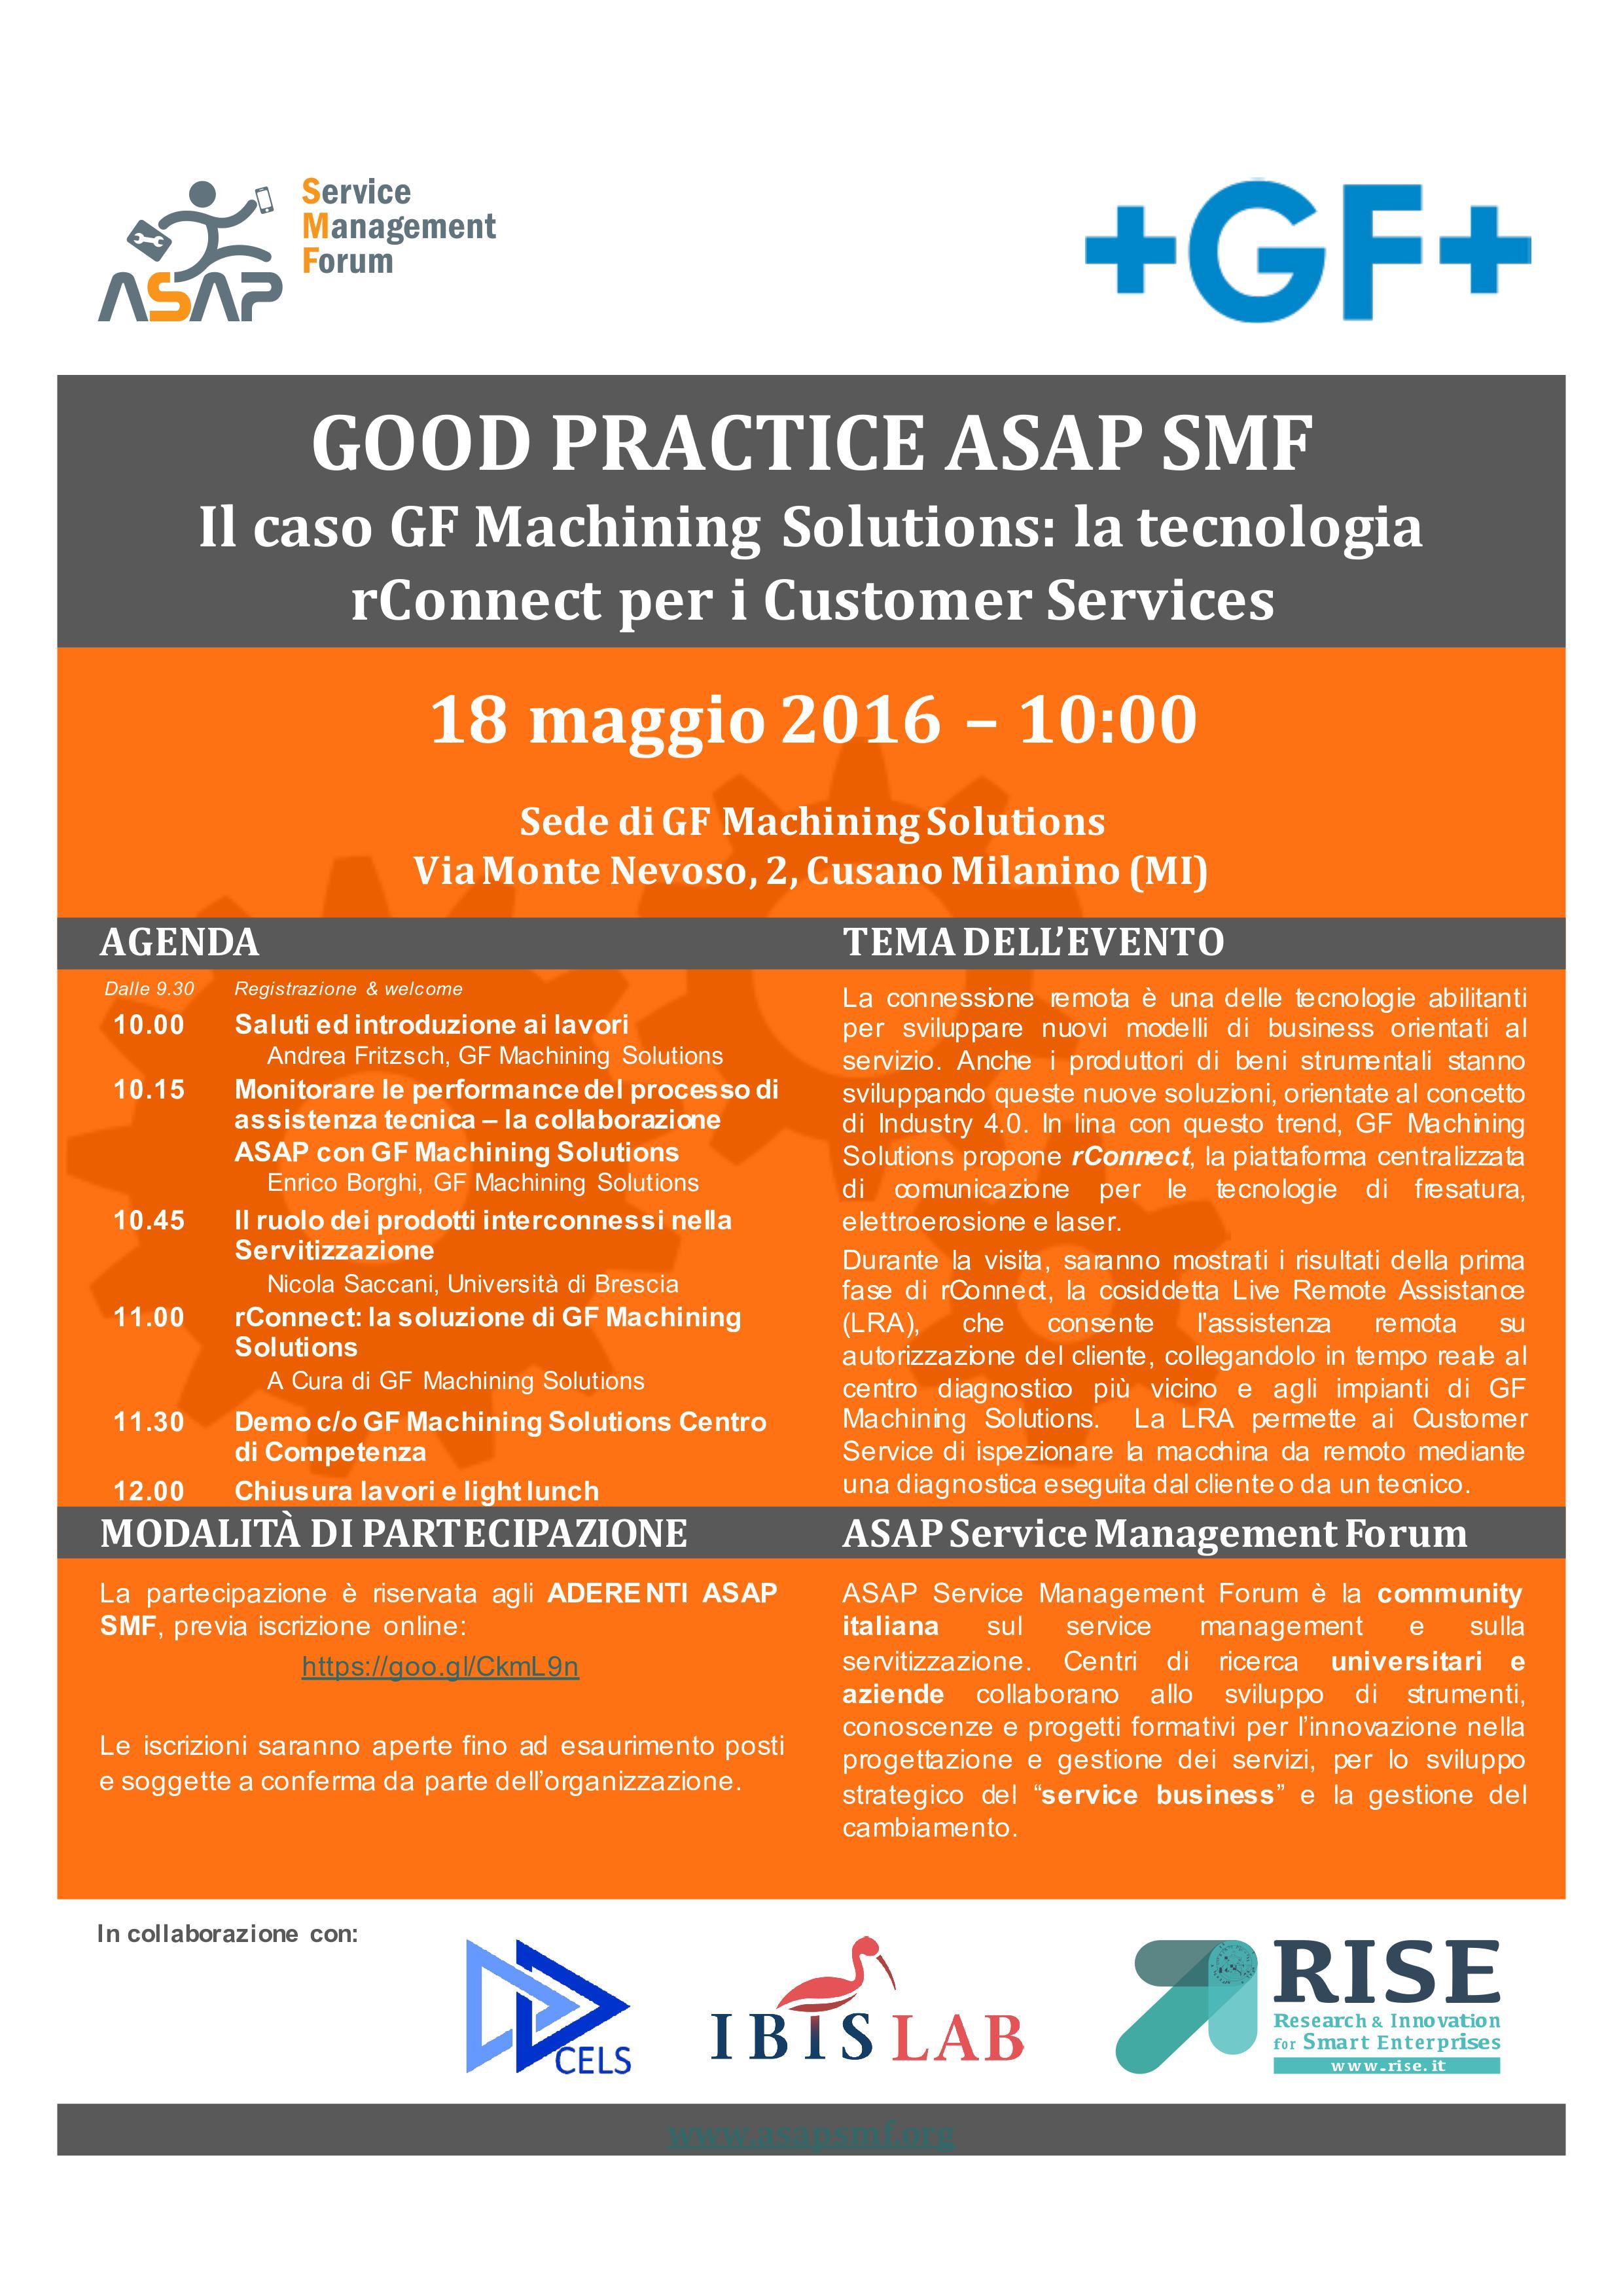 Tecnologia rConnect per il Customer Service